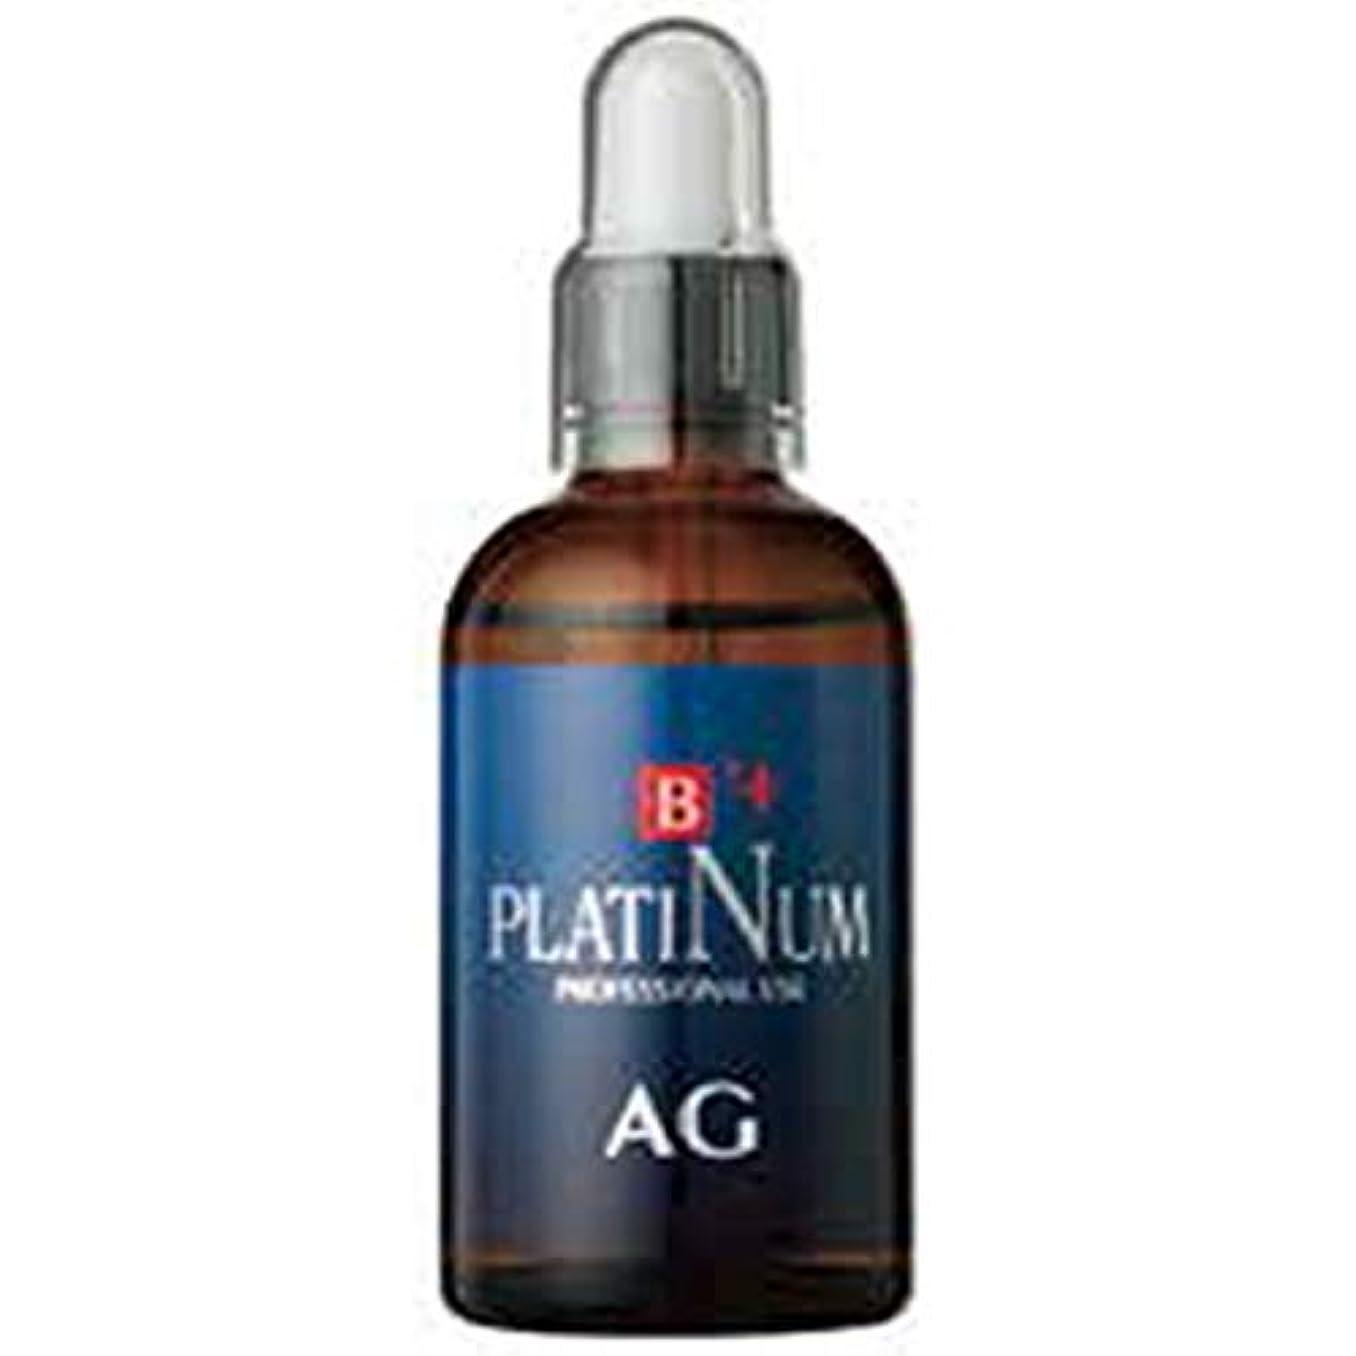 連邦優越デンプシー【ビューティー プラチナム】 PLATINUM B'+  アルジレリン16%(+シンーエイク配合 高濃度美容液)  リフトアップ専用:100ml